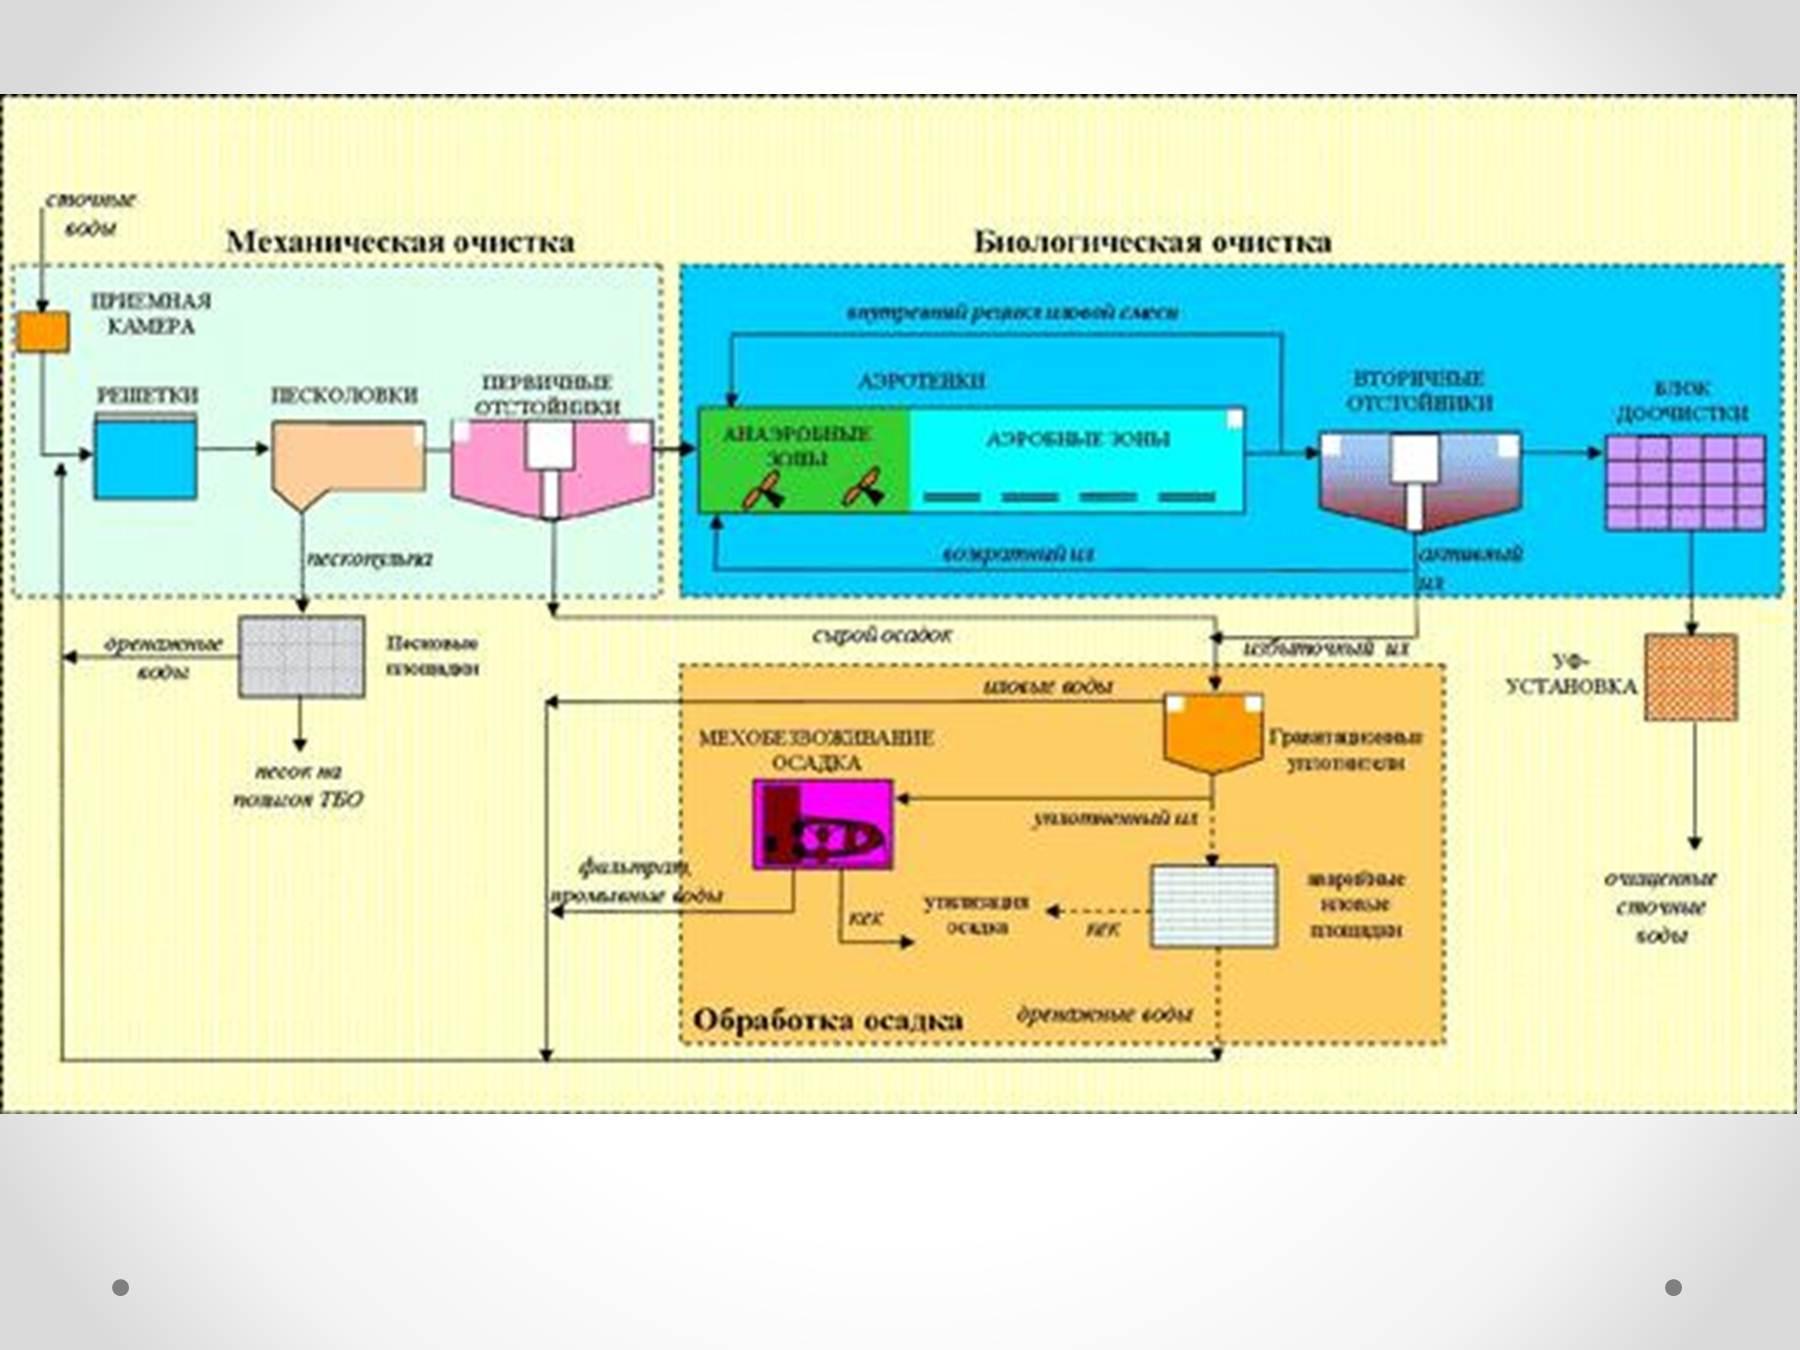 Метод выбора схемы очистки воды